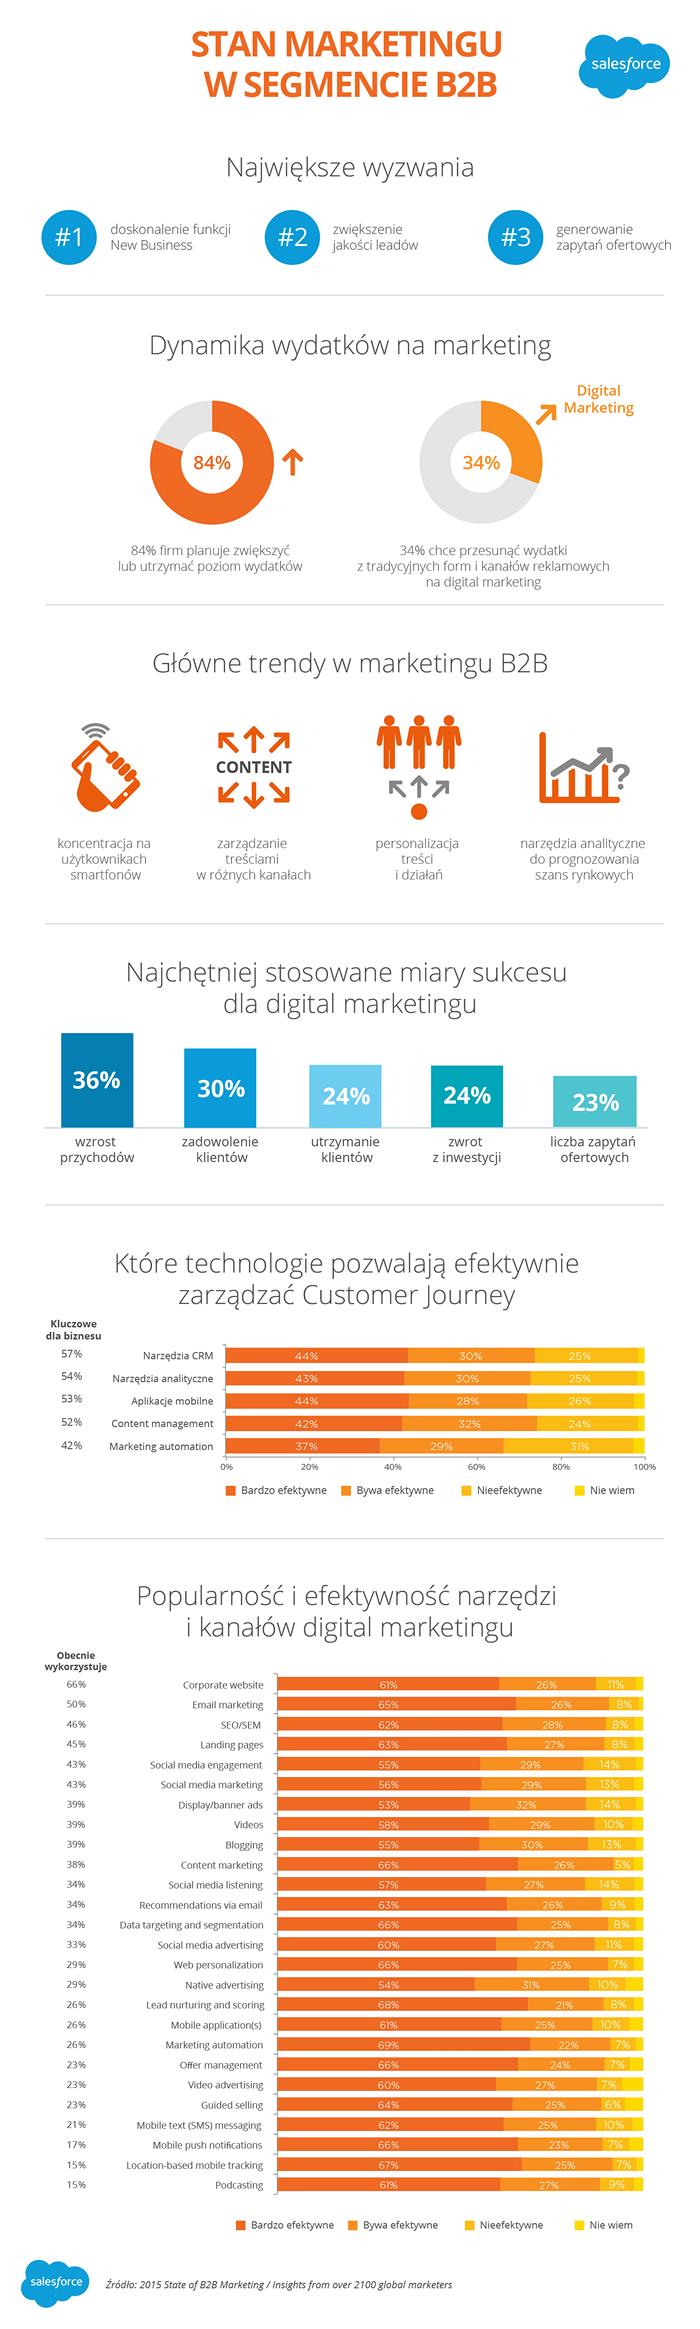 Stan marketingu w segmencie B2B 2015